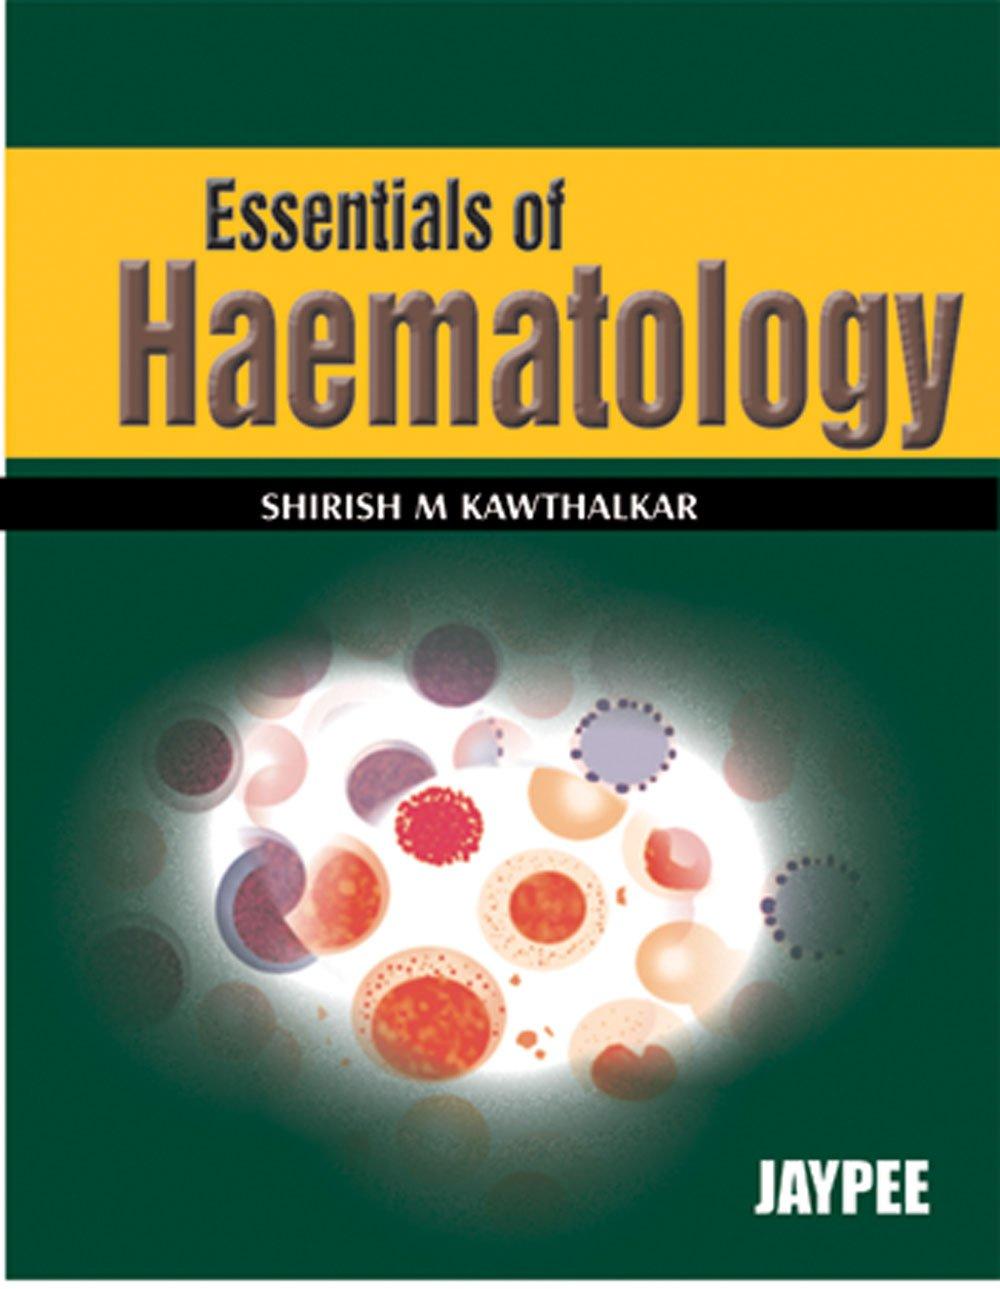 hematology pdf download